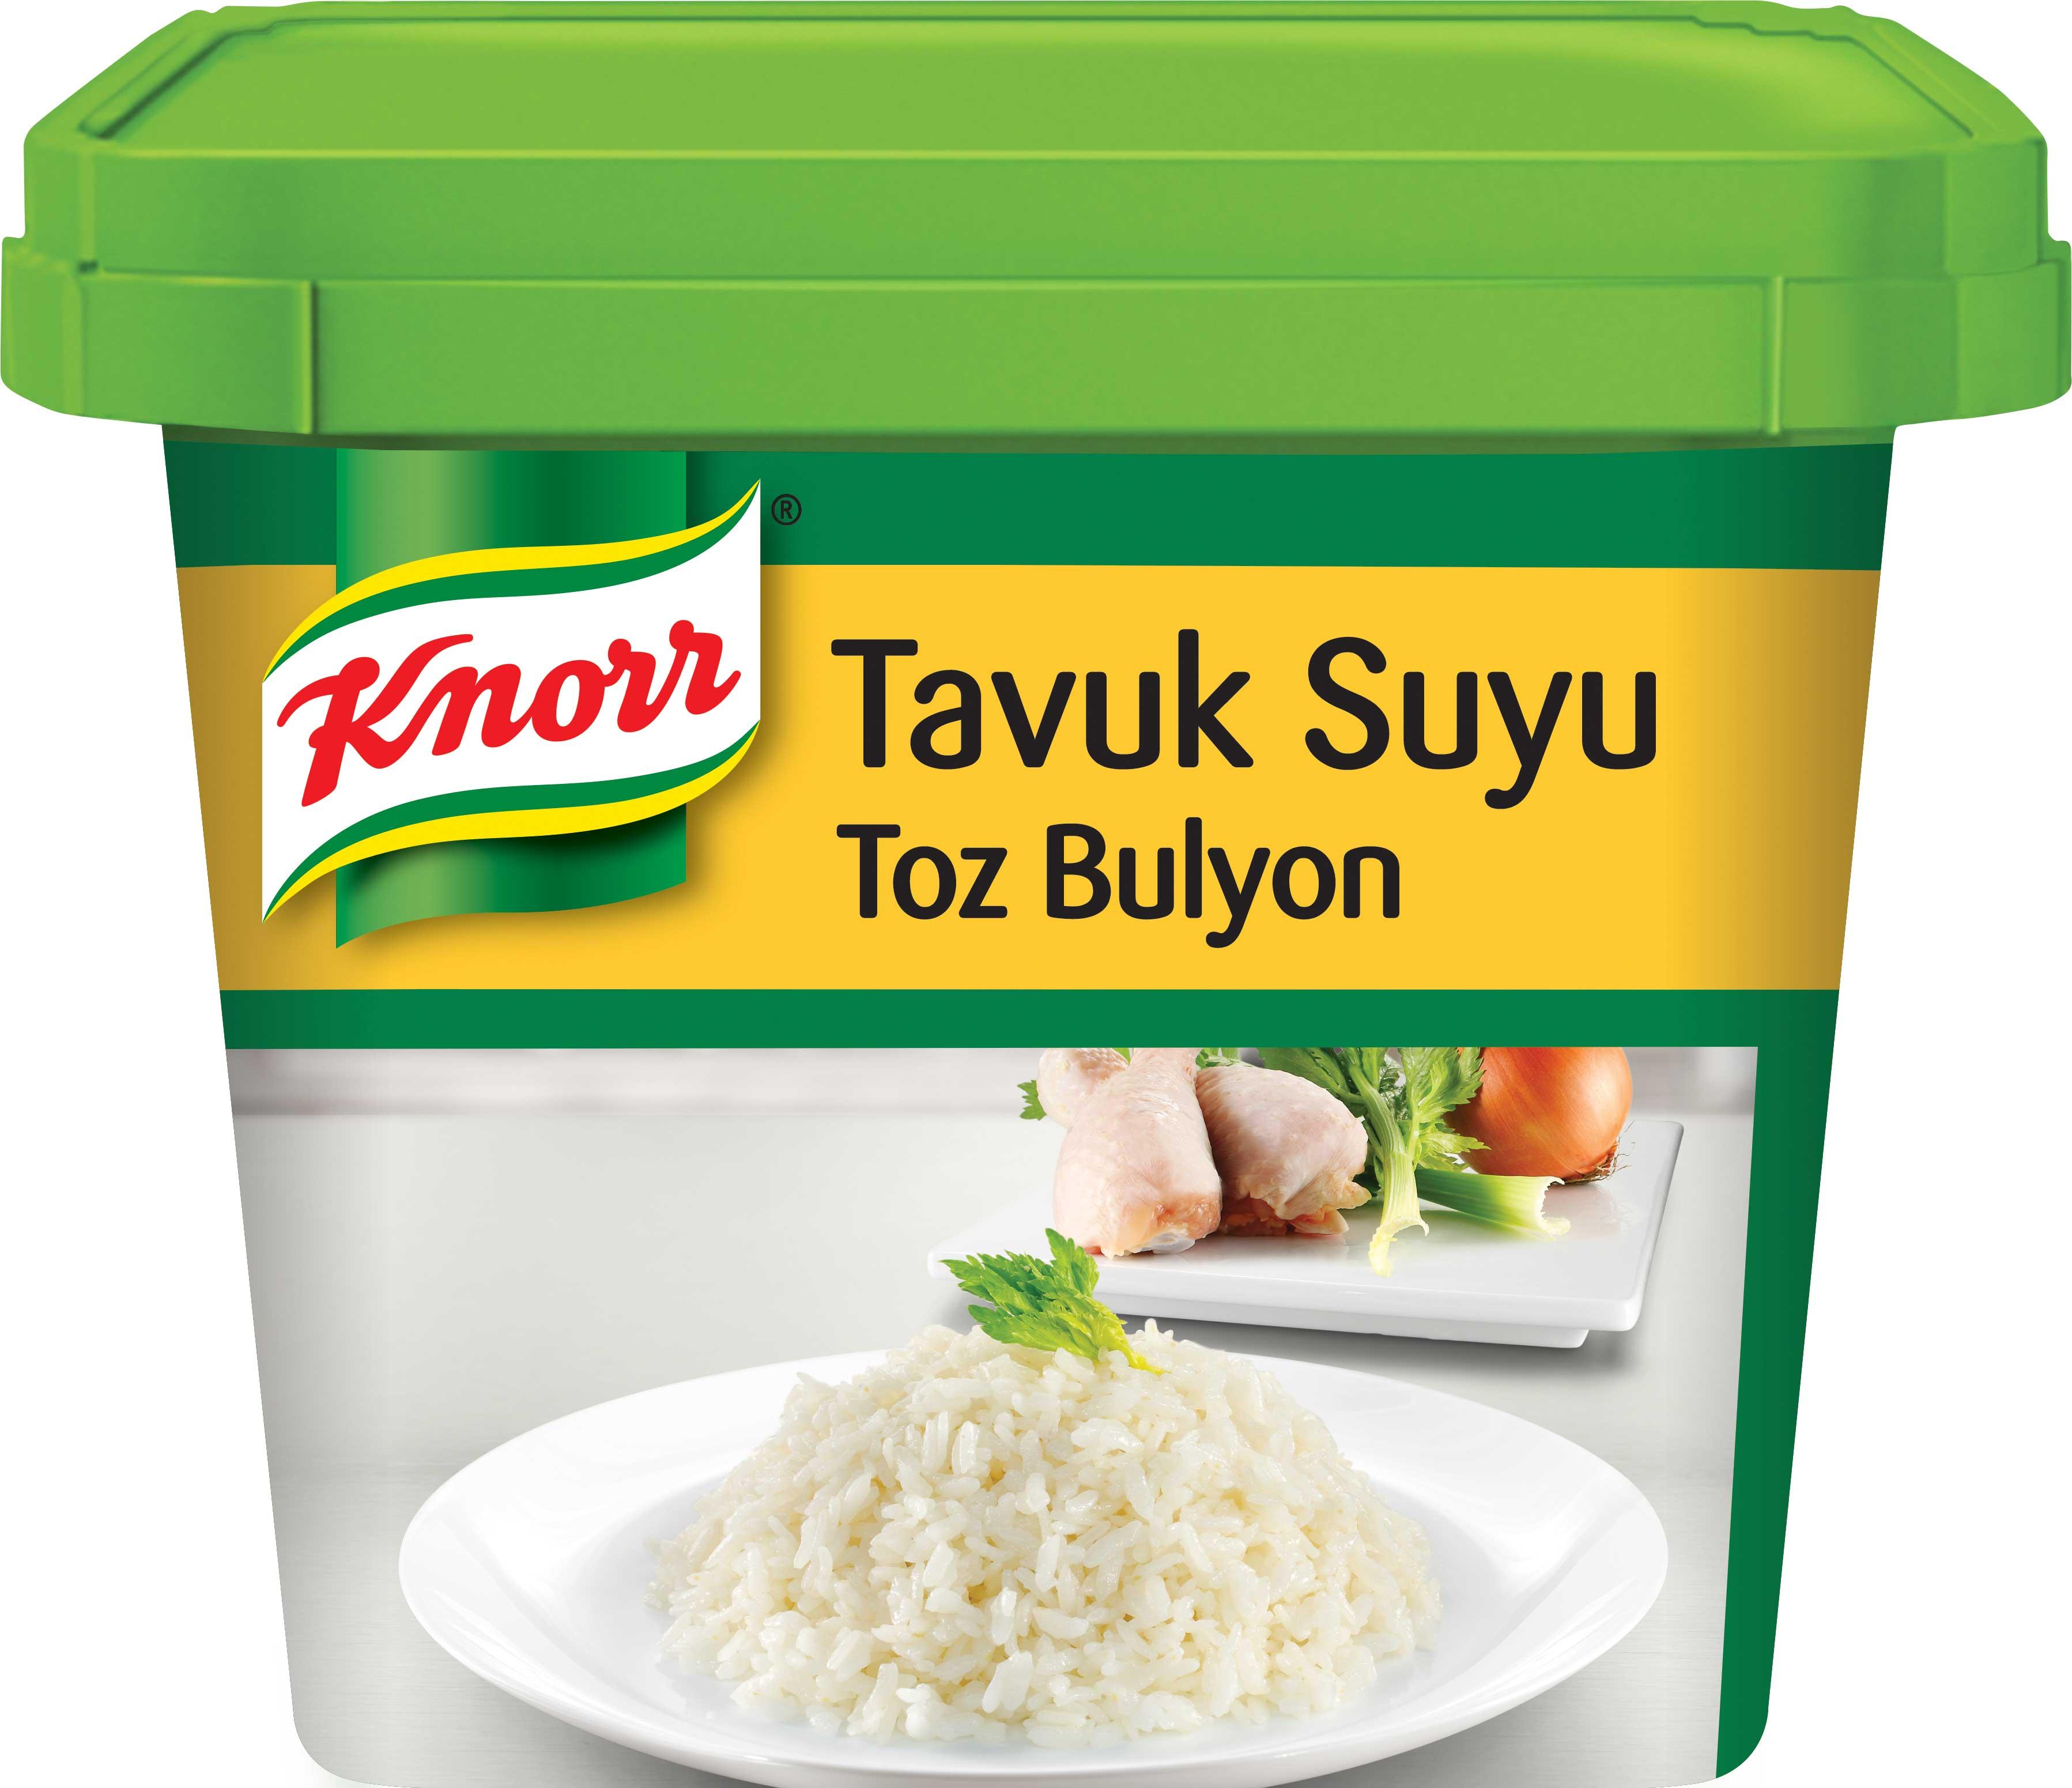 Knorr Tavuk Suyu Toz Bulyon 750 g - Eşsiz lezzeti ve kalitesi ile şeflerin yıllardır değişmeyen tercihi, Knorr Bulyon.